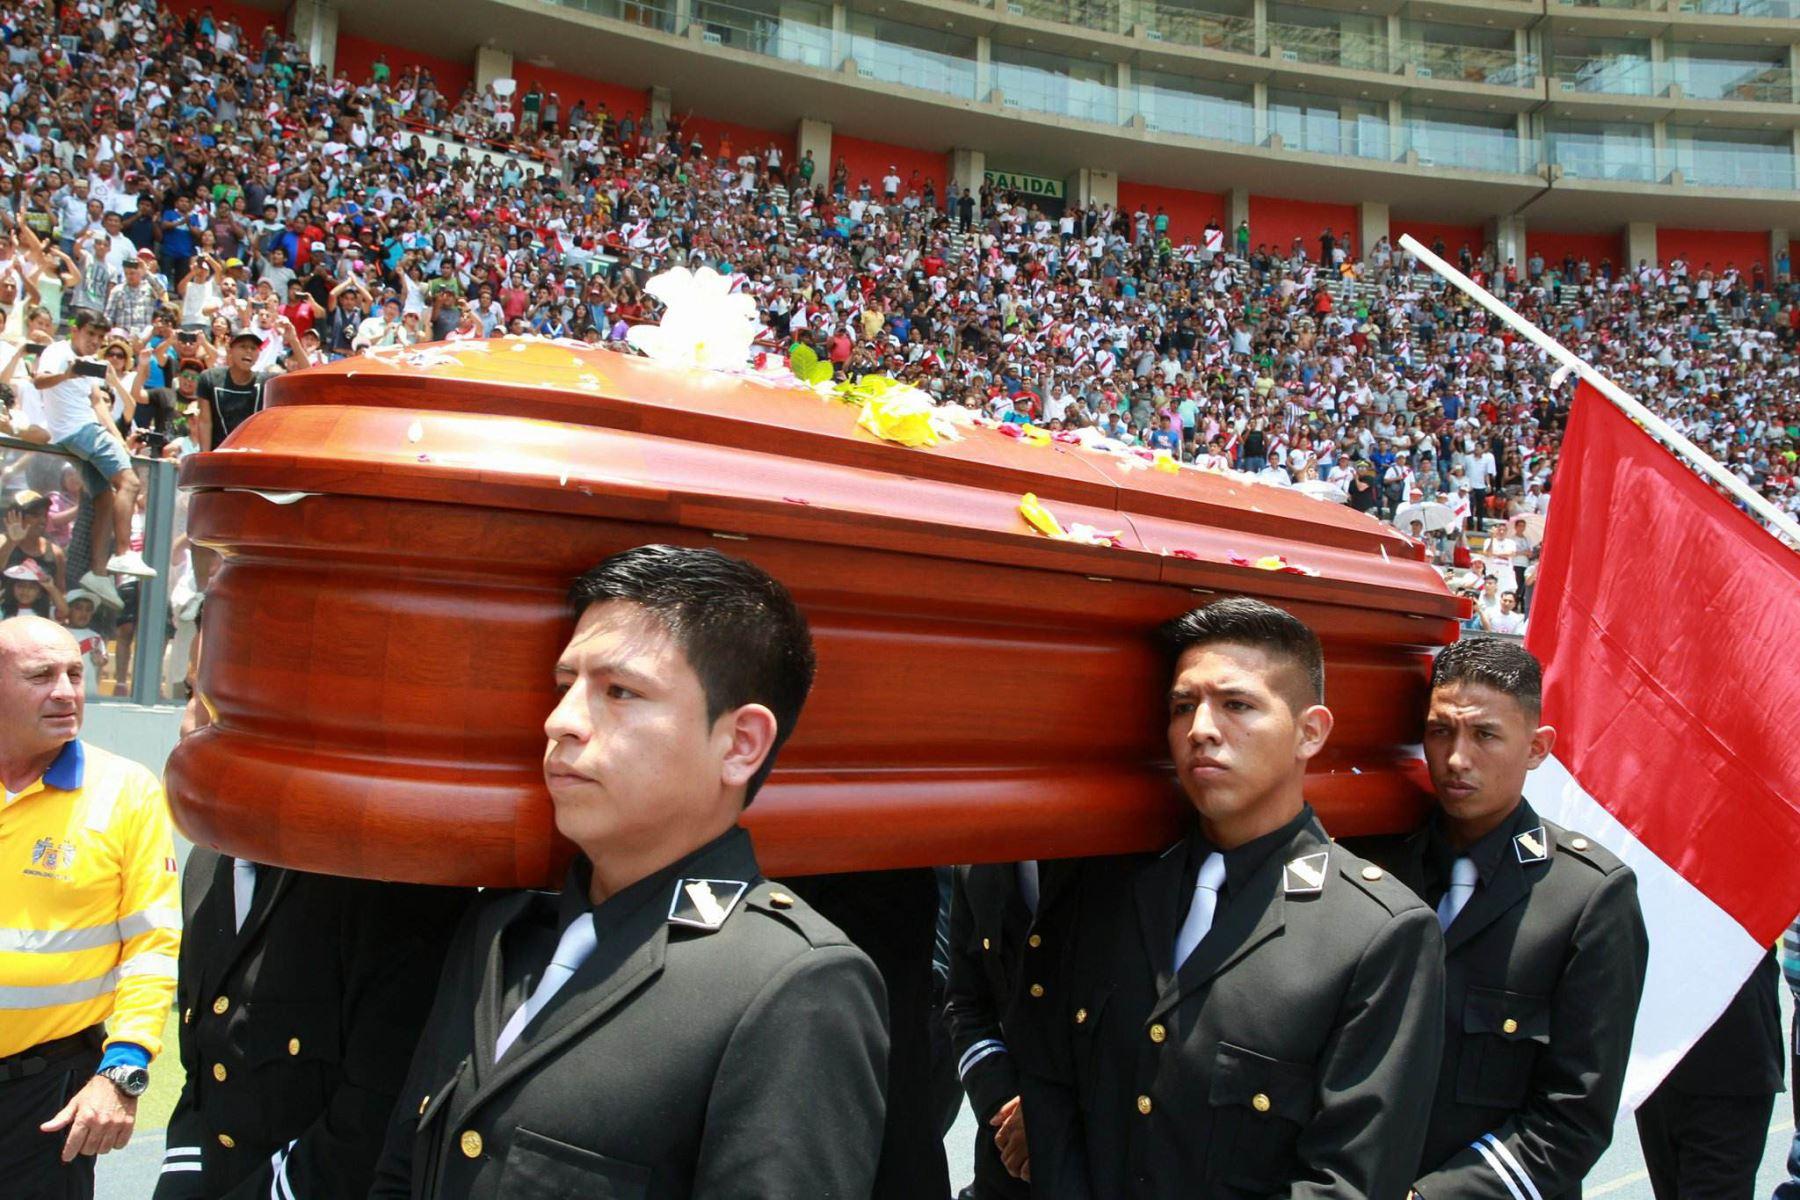 Hinchas en el Estadio Nacional despiden a periodista Daniel Peredo. Foto: ANDINA/Dante Zegarra.